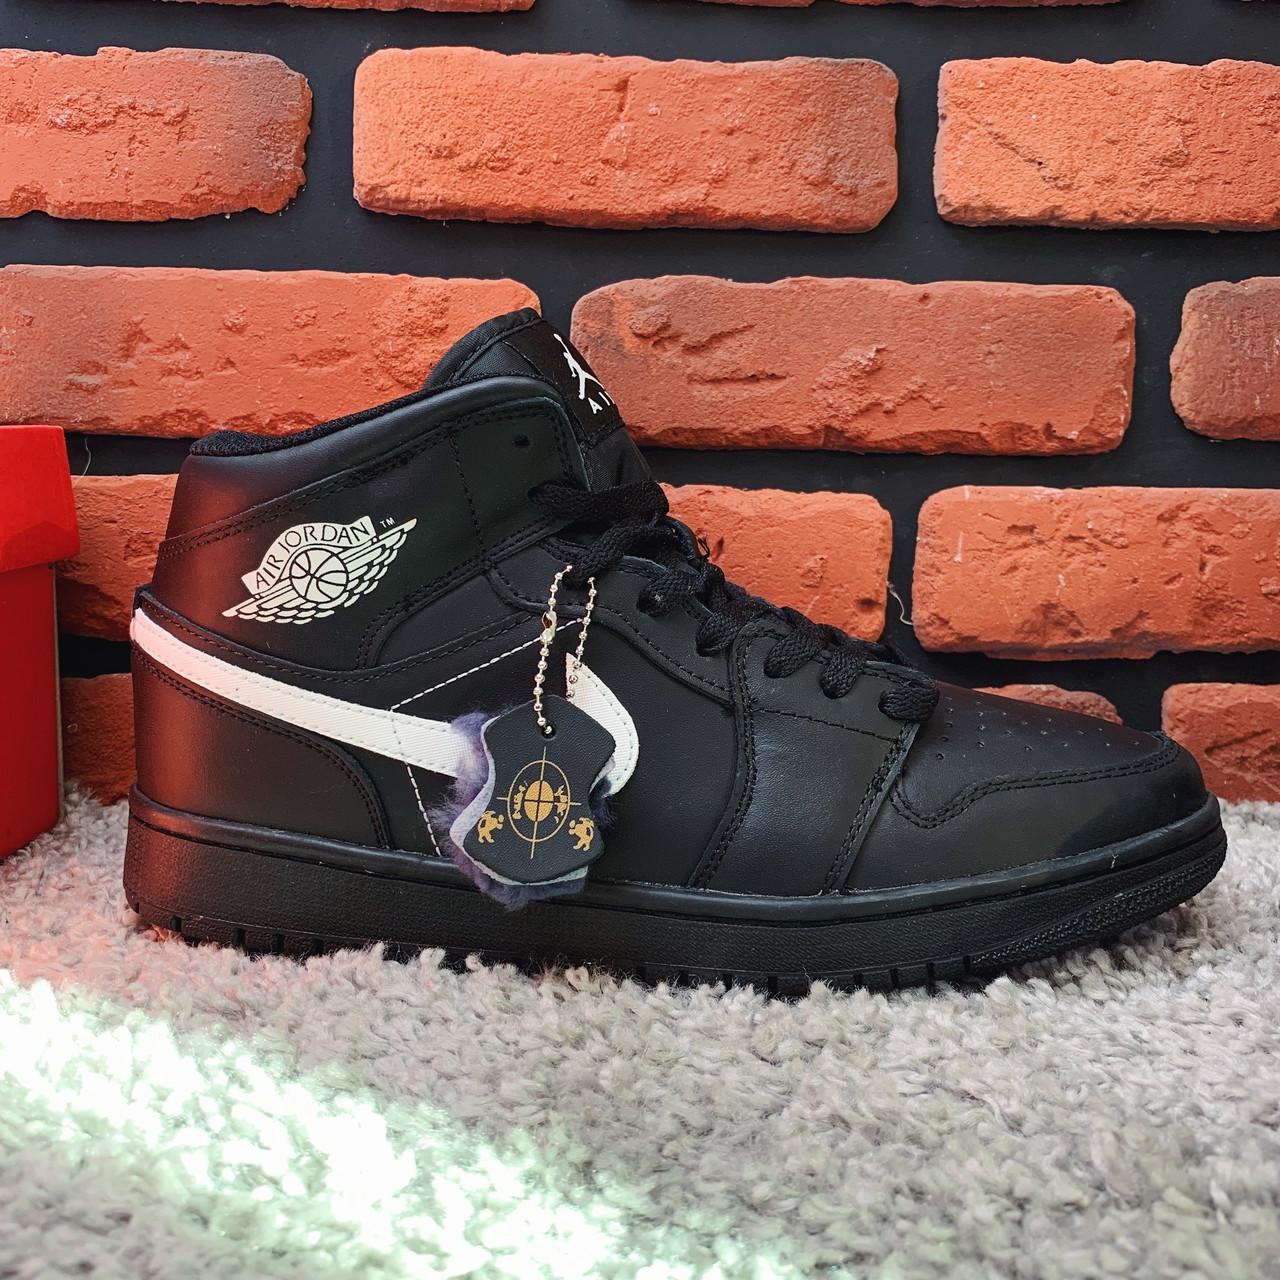 Зимние кроссовки (на меху) мужские Nike Air Jordan (реплика) 1-127 ⏩ [ 41,42,43,44,44,46 ]